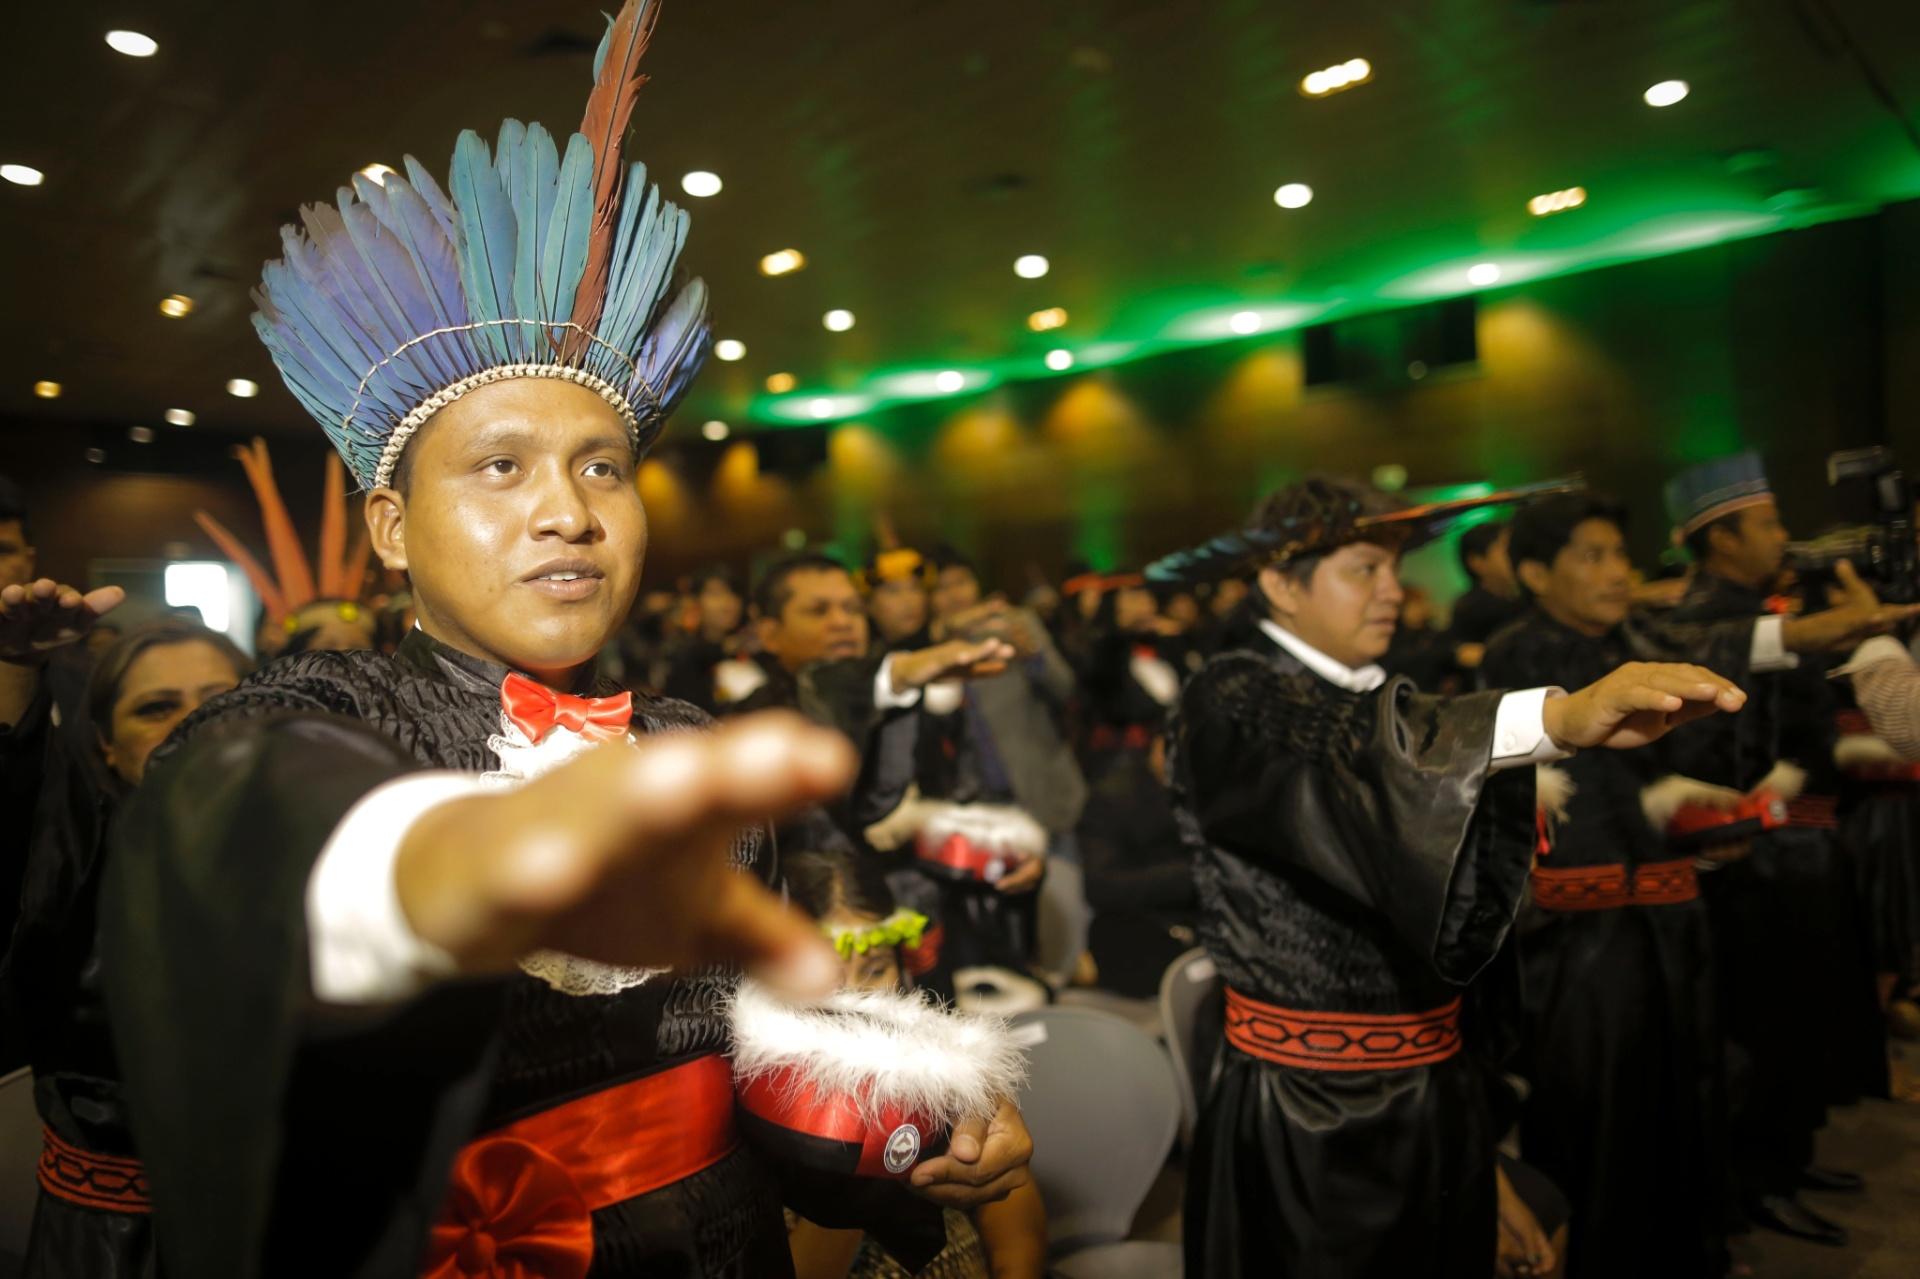 19.abr.2016 - A Uepa (Universidade do Estado do Pará) forma a primeira turma do curso de Licenciatura Intercultural Indígena, nesta terça-feira, Dia do Índio. A cerimônia de formatura contou com 72 integrantes dos povos Tembé, Gavião e Suruí Aikewara e foi realizada no Centro de Convenções e Feiras da Amazônia, em Belém